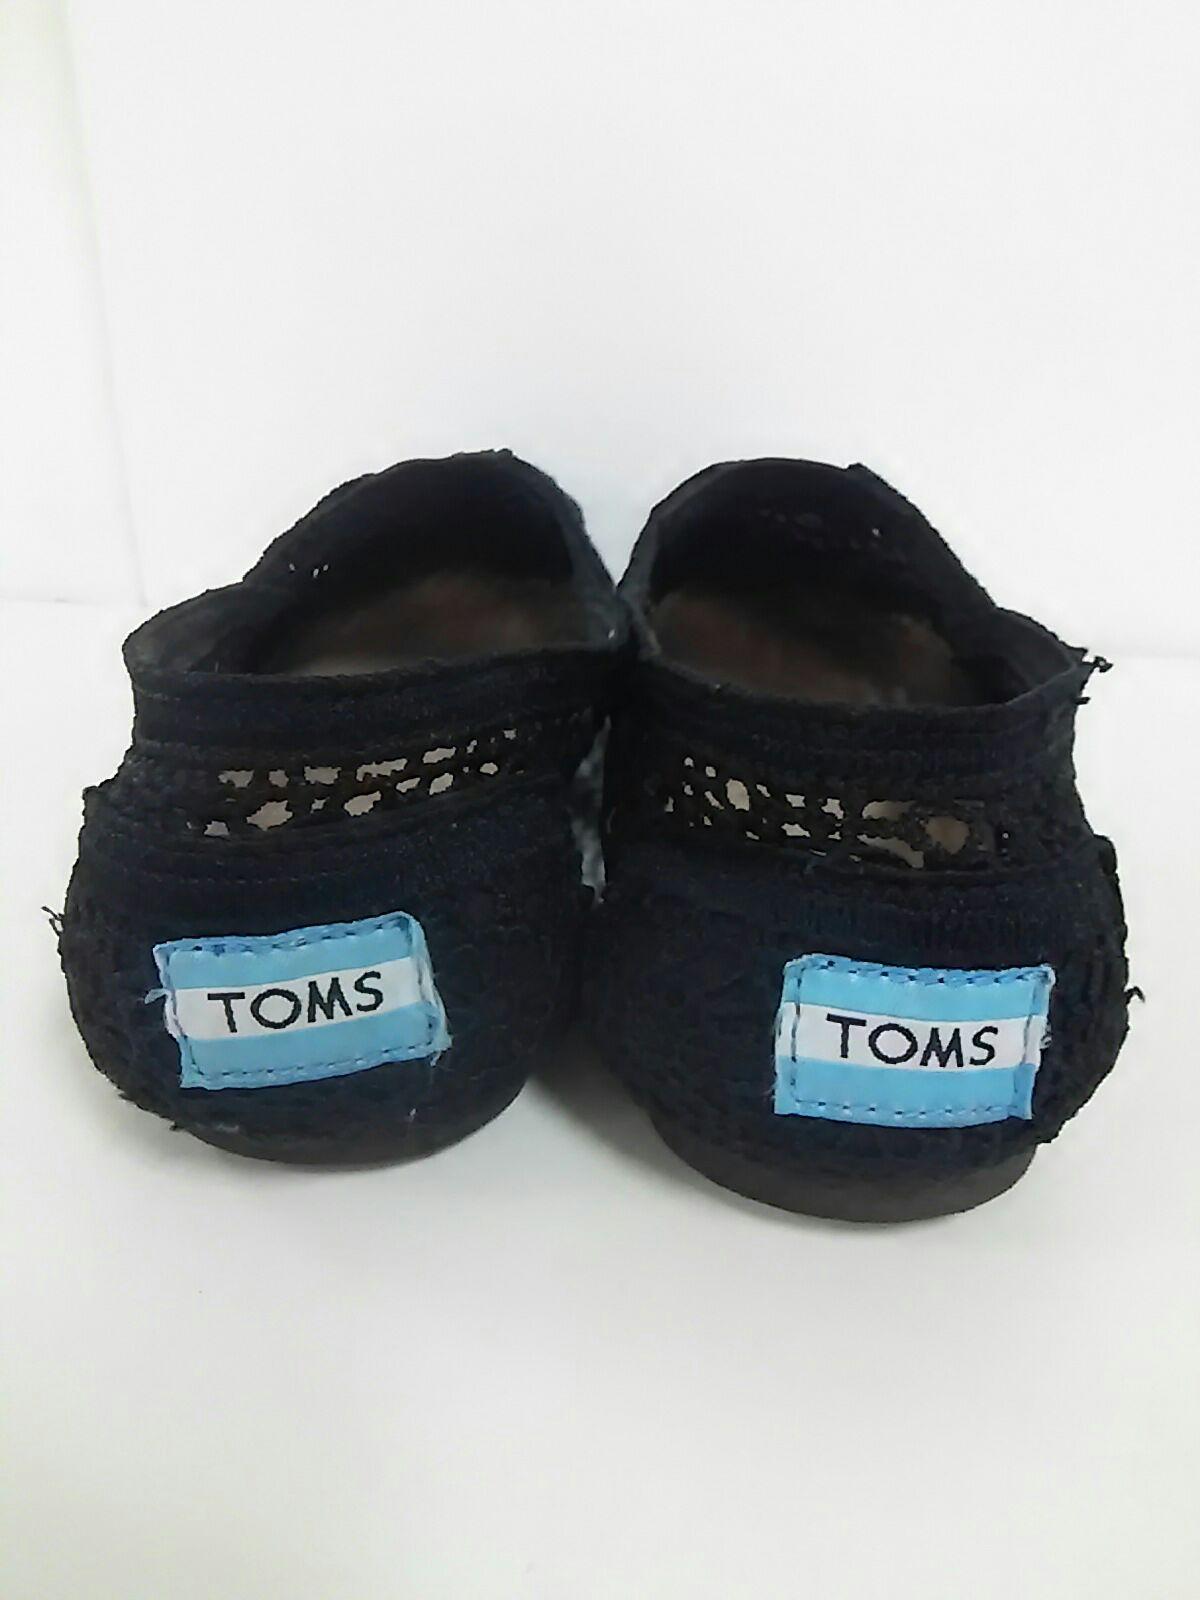 TOMS(トムス)のシューズ